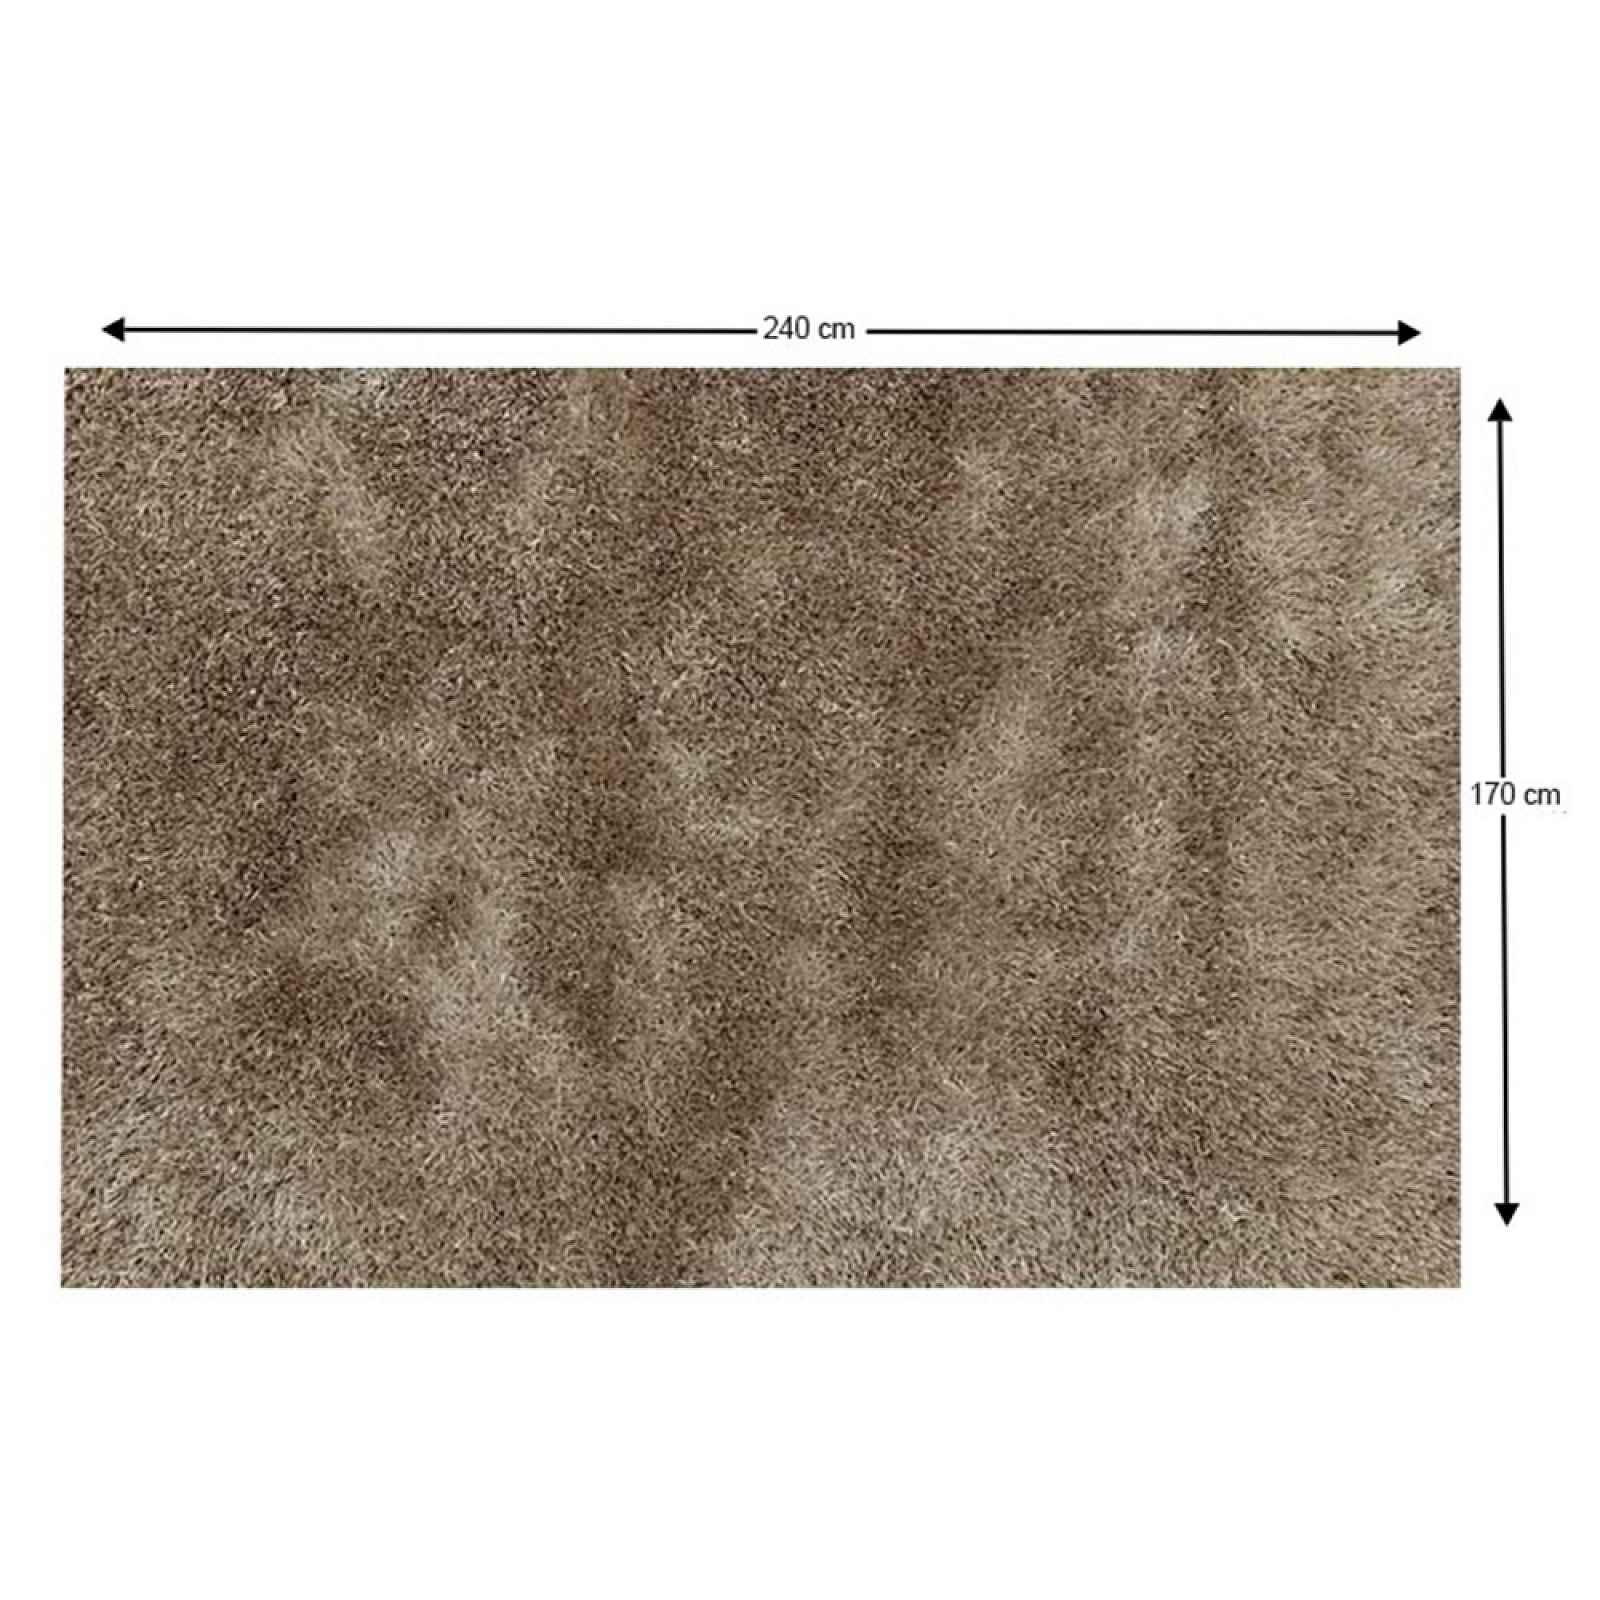 Shaggy koberec AROBA krémová Tempo Kondela 170x240 cm